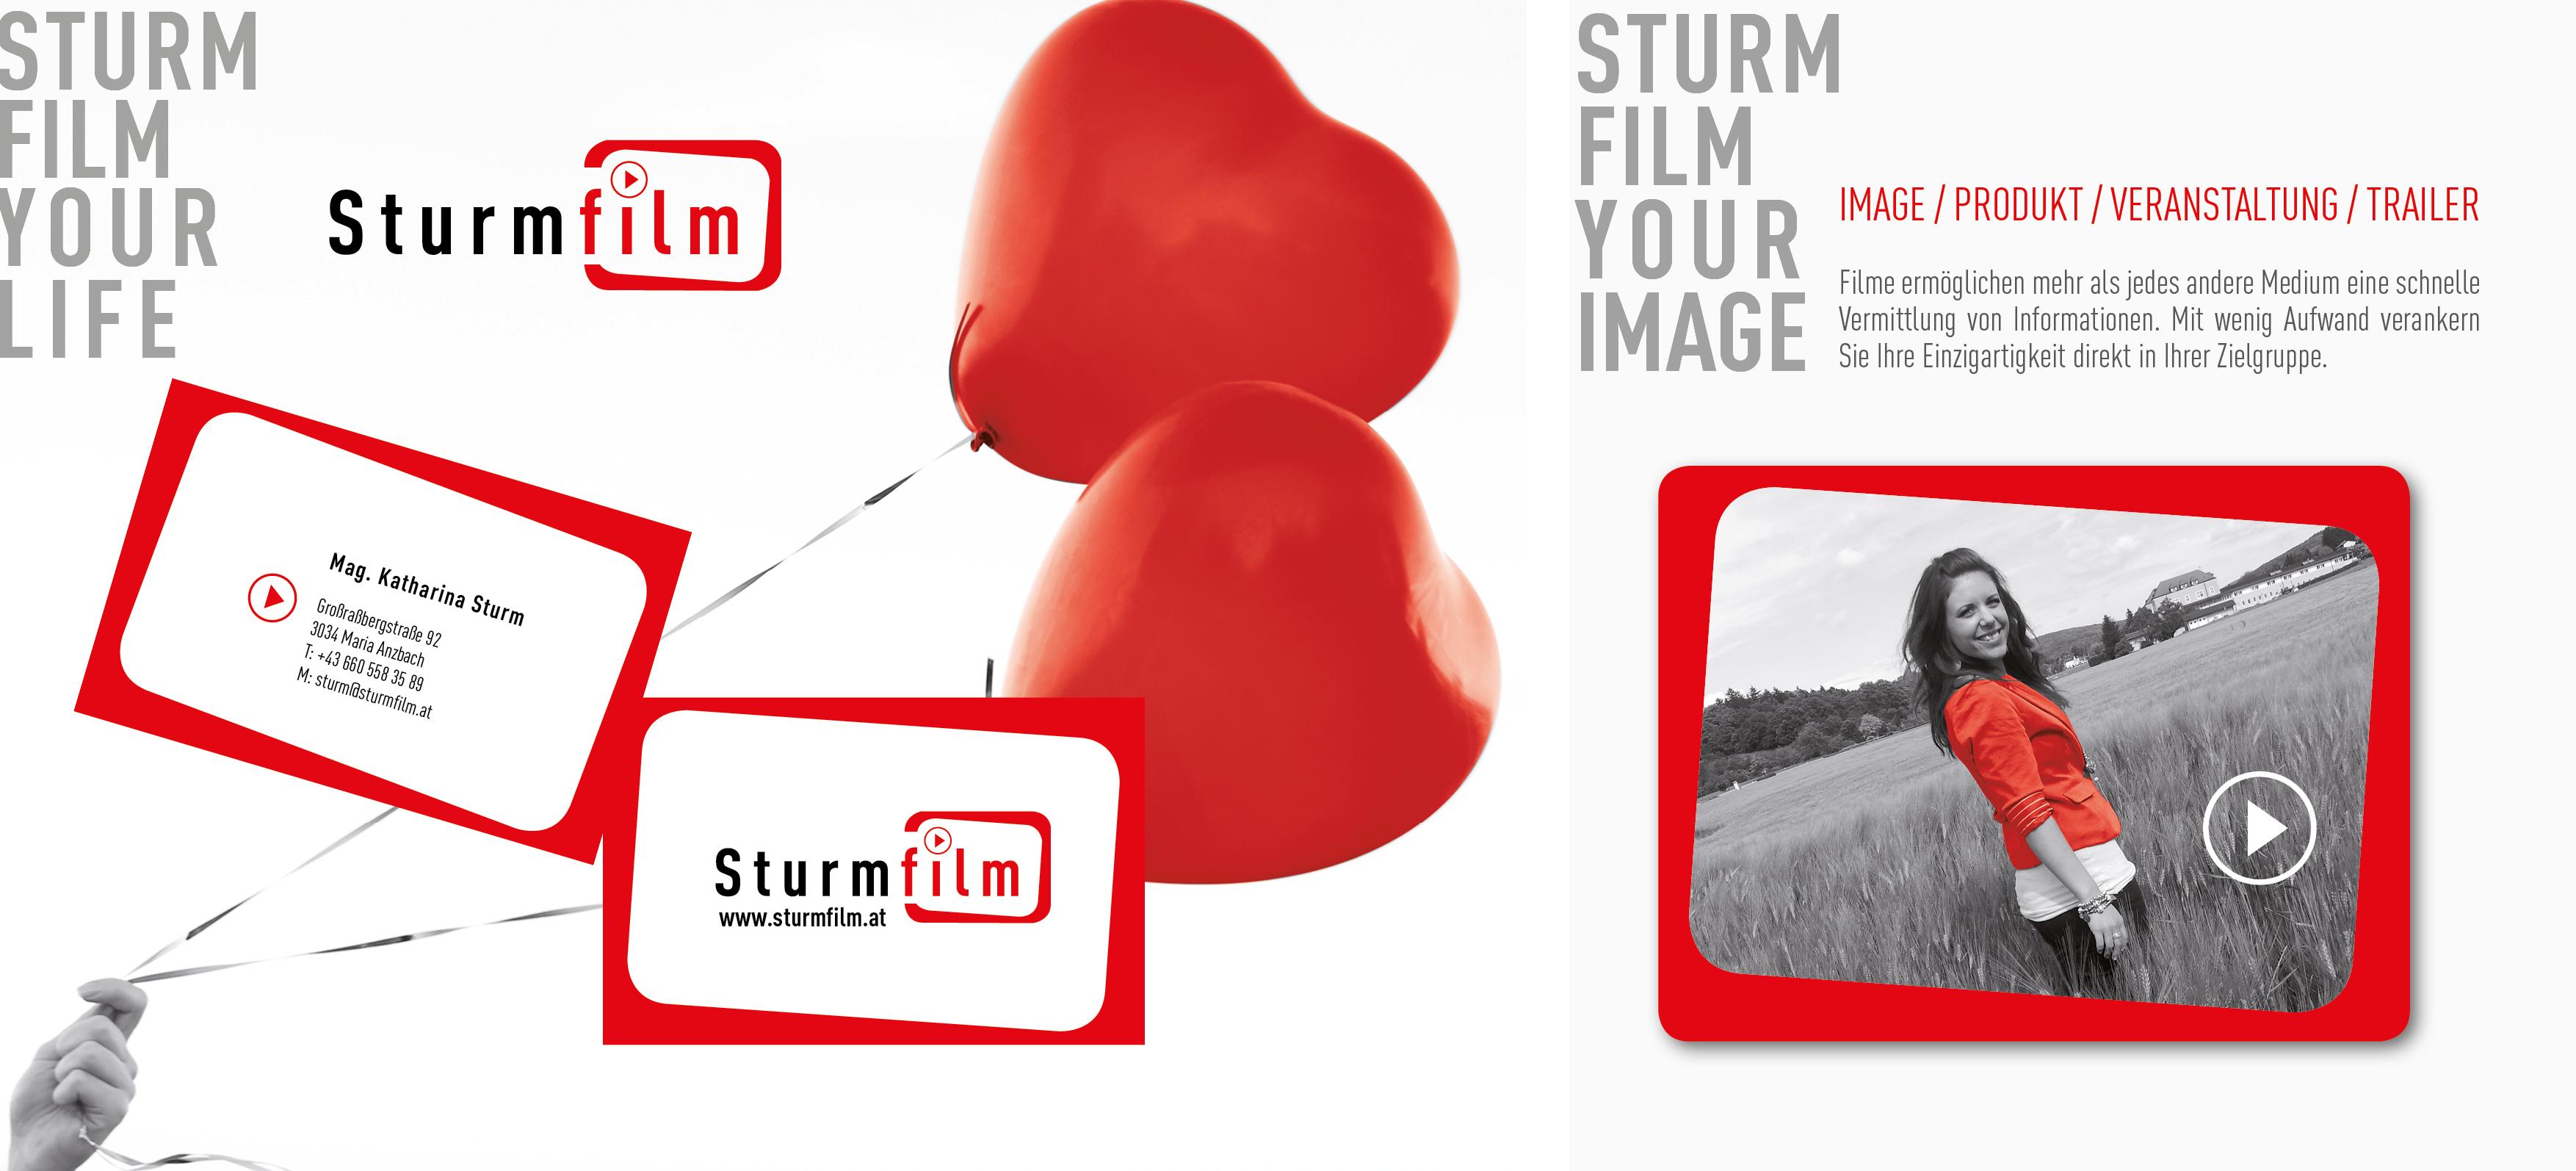 Sturm Film Wien